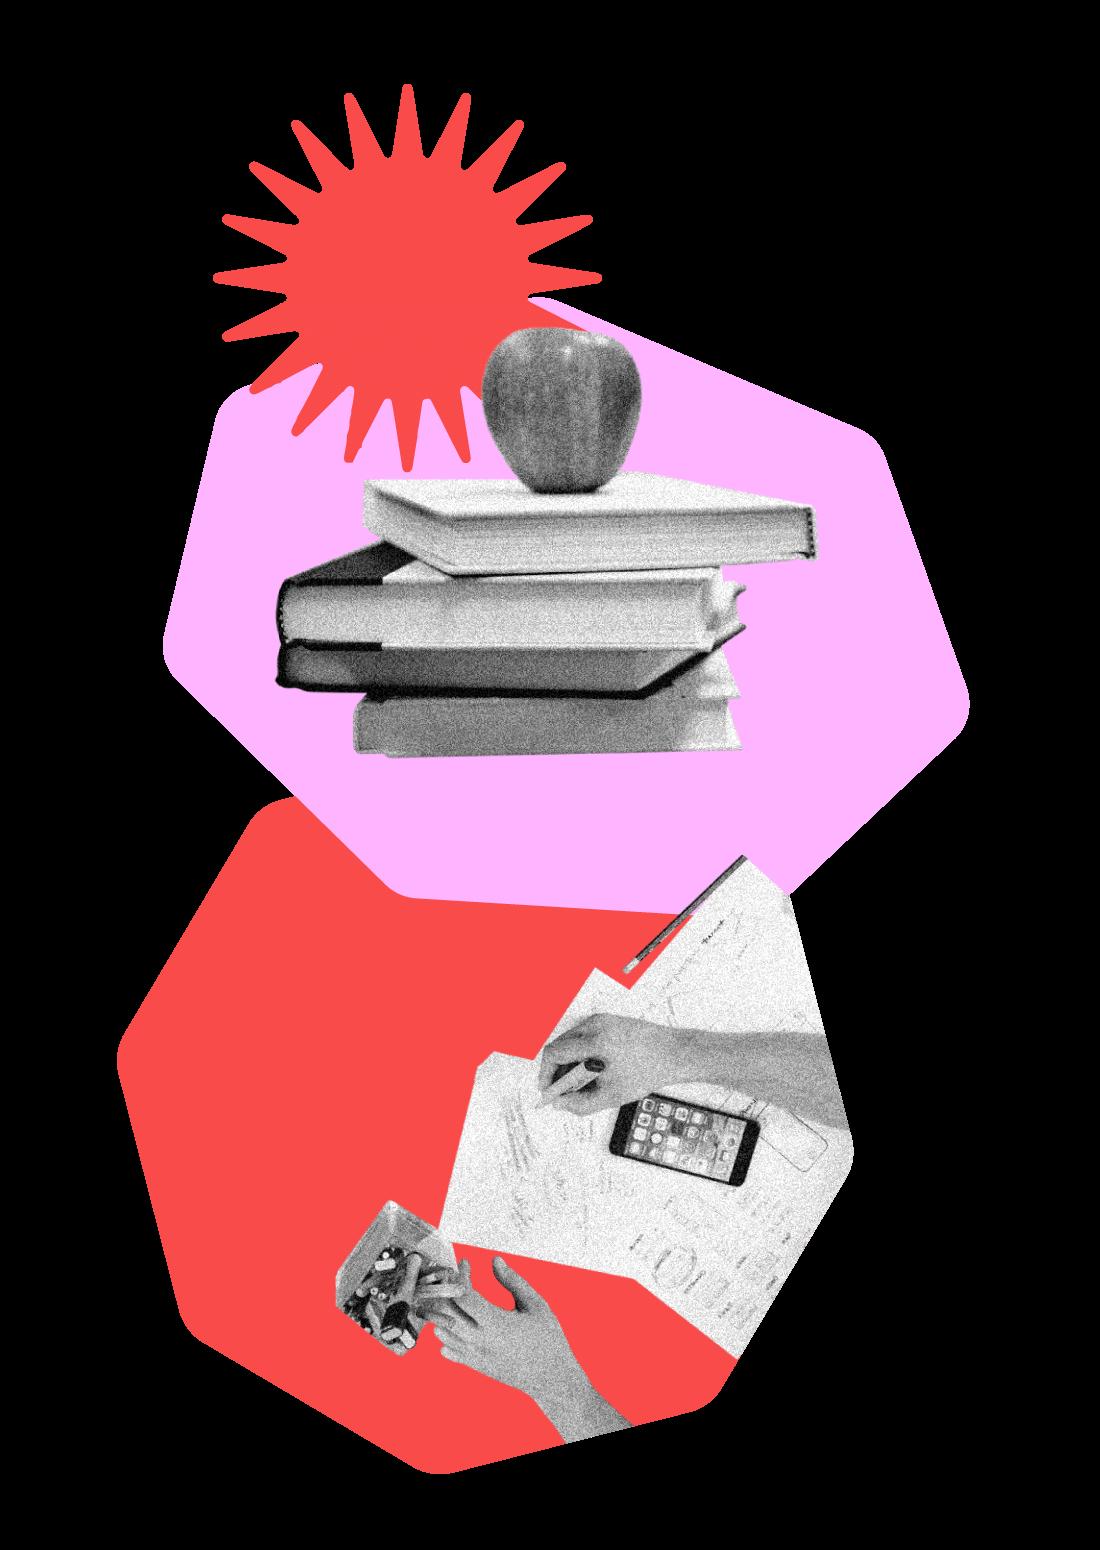 Learn-How-Academy-illustration-b